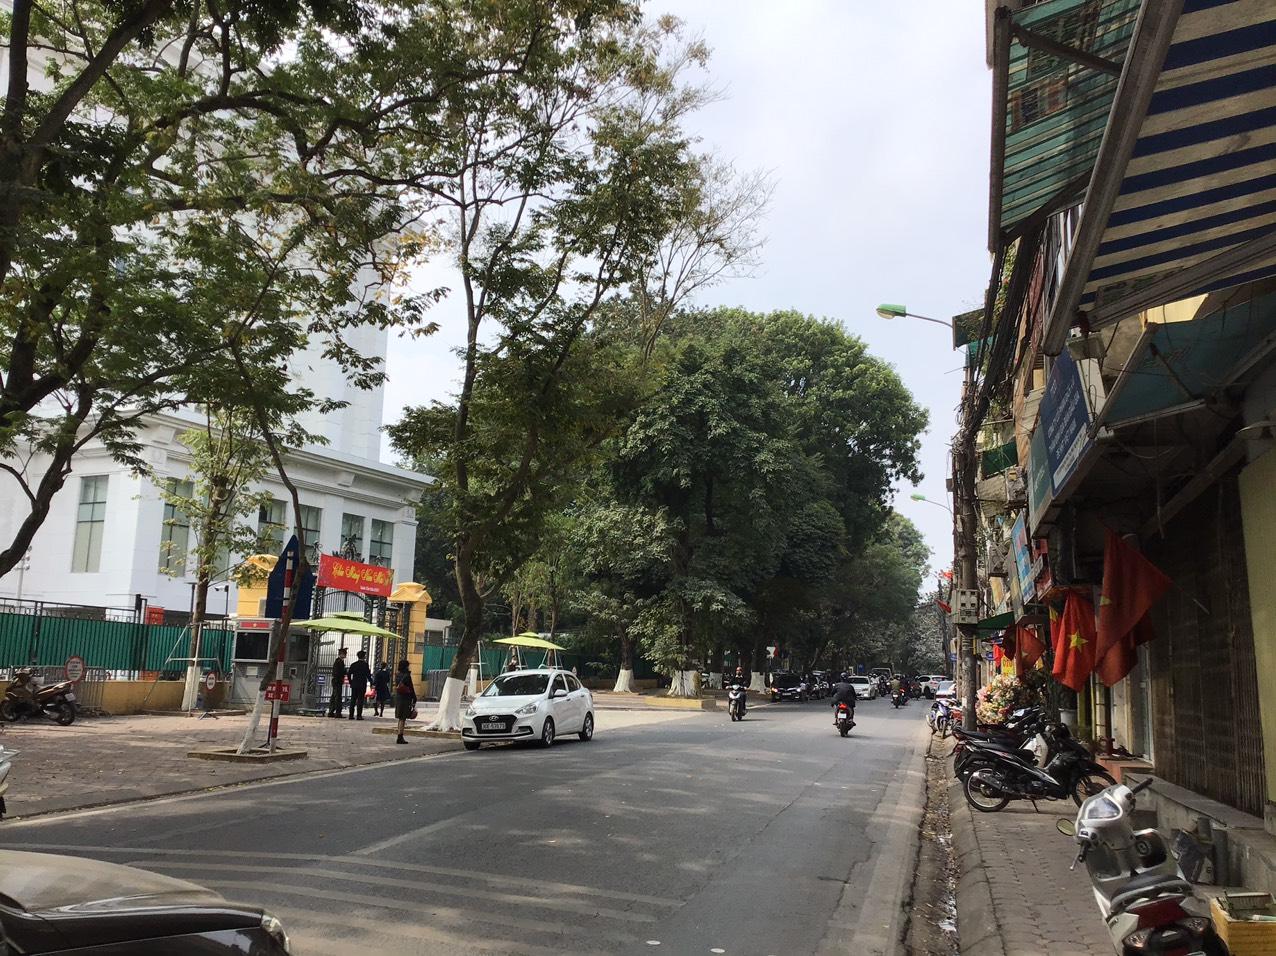 Ba khu đất dính quy hoạch ở phường Thụy Khuê, quận Tây Hồ, Hà Nội - Ảnh 18.